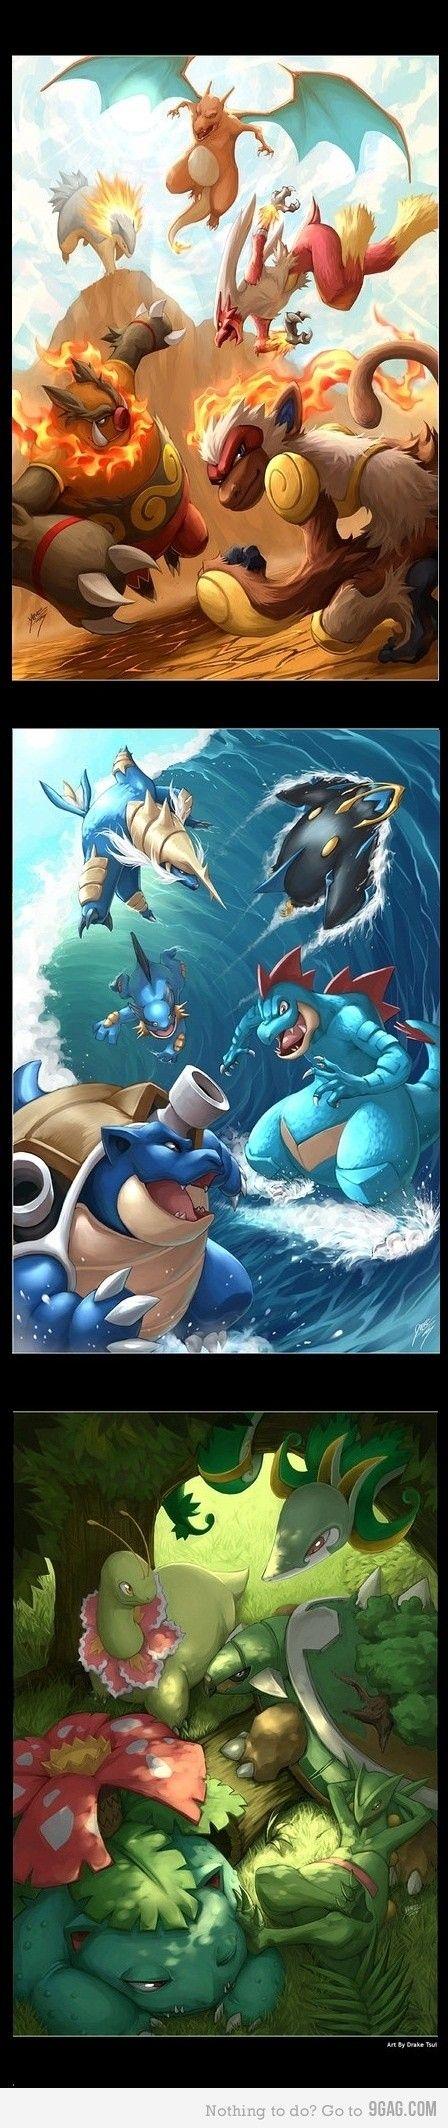 Inicial pokemons Fotos de pokemon, Imágenes de pokemon